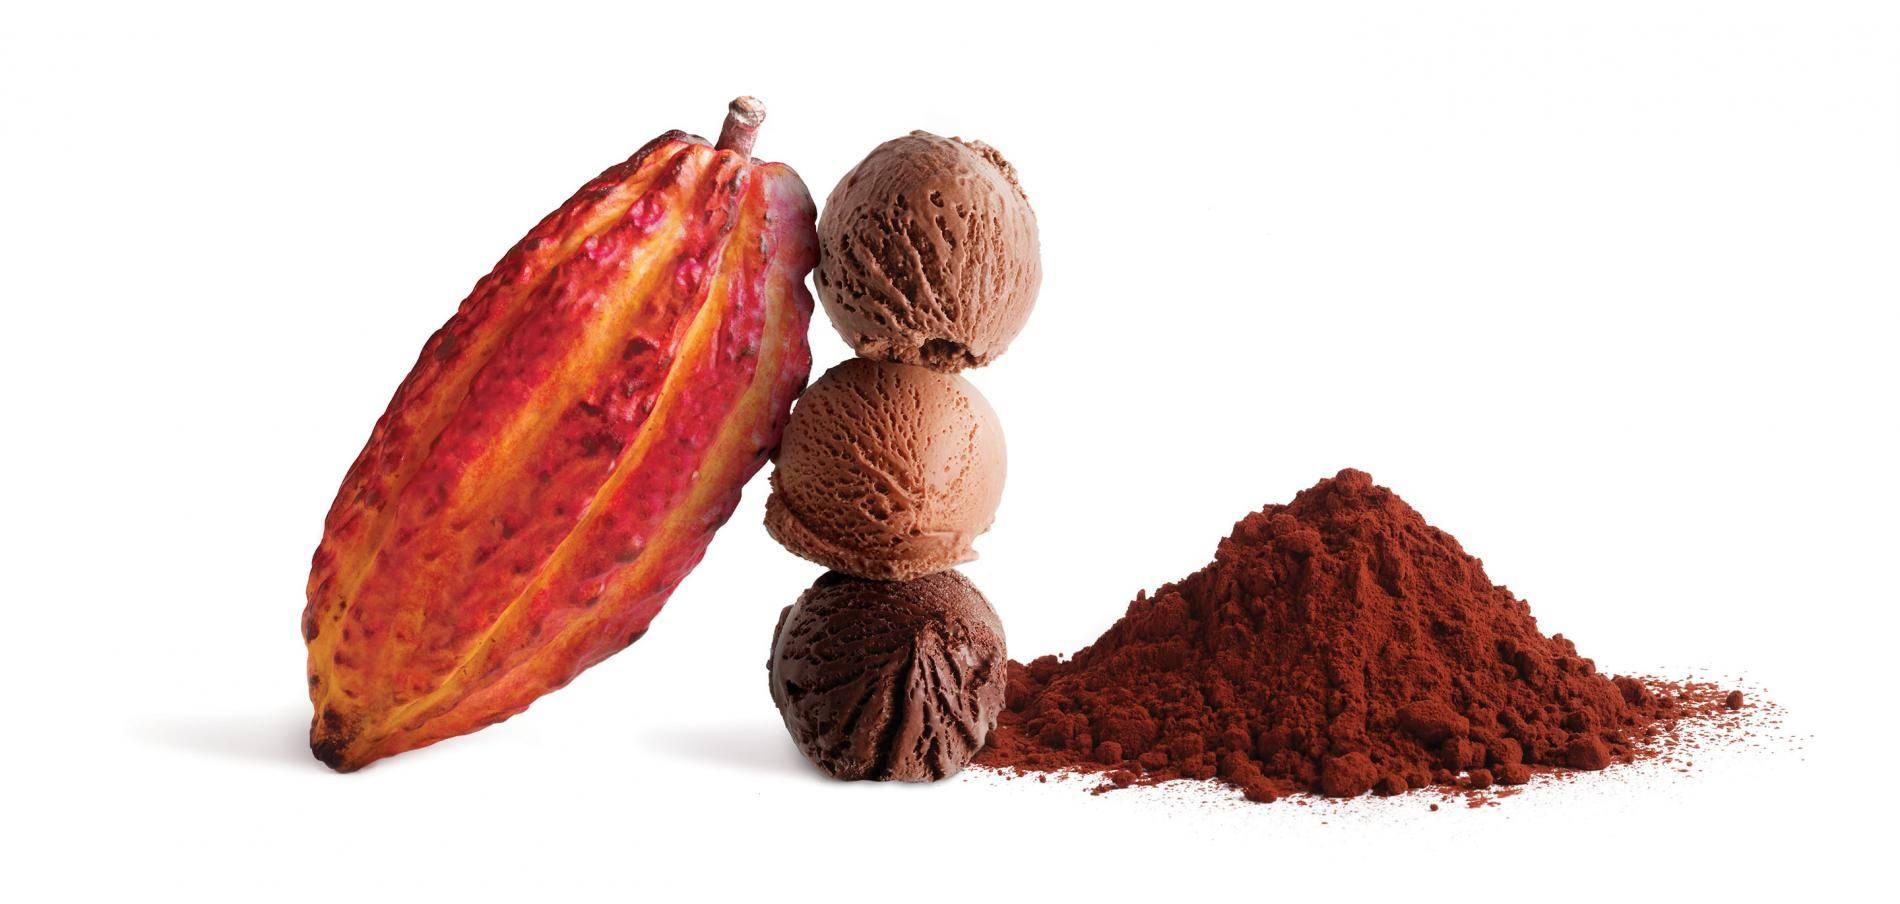 خرید پودر کاکائو کارگیل هلند Cargill cocoa powder